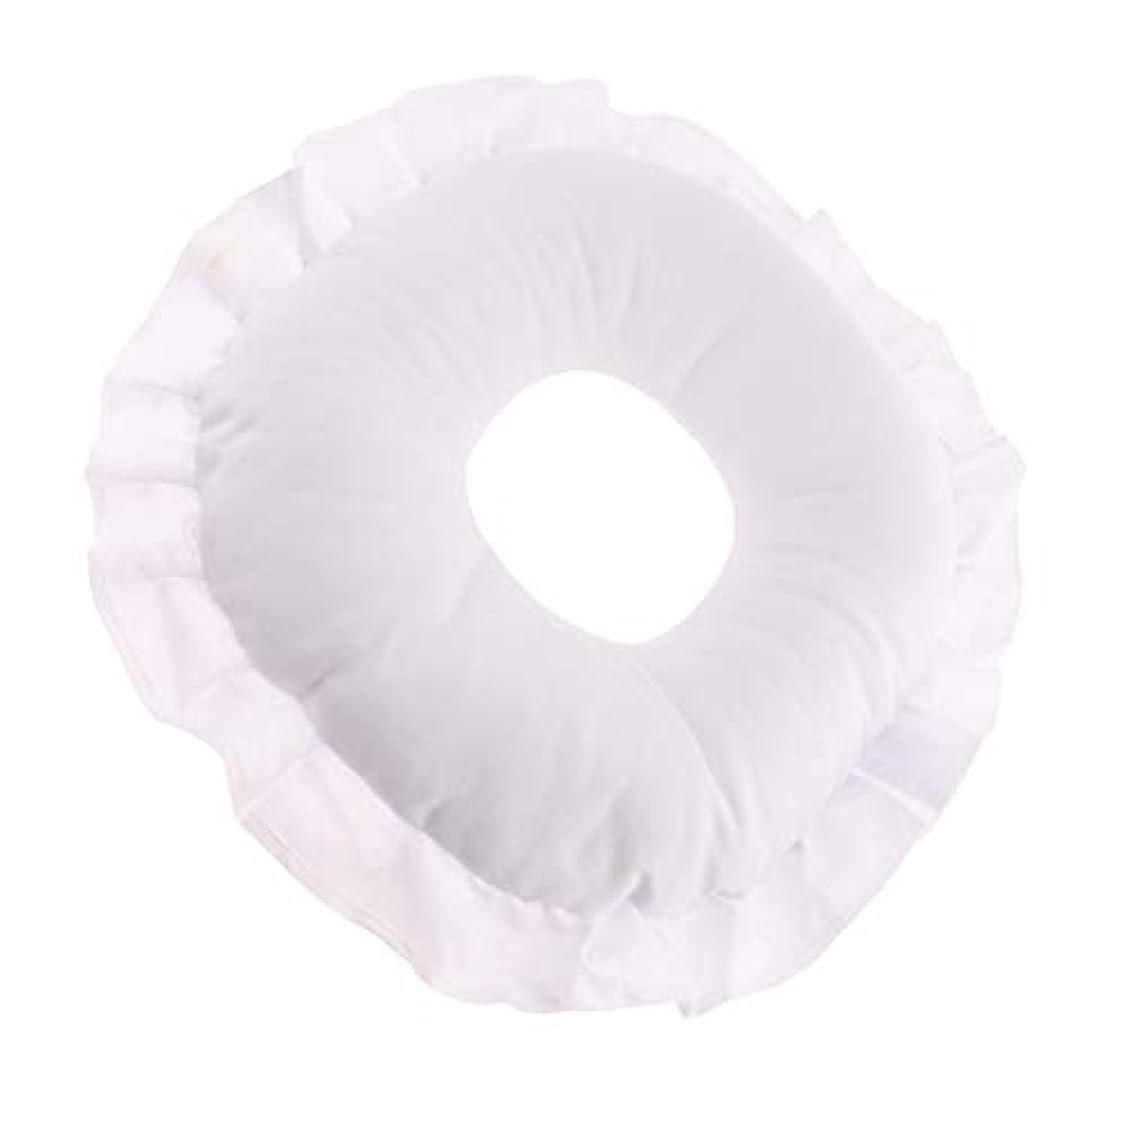 期限開発鉛筆全3色 フェイスピロー 顔枕 マッサージ枕 マッサージテーブルピロー 柔軟 洗えるカバー リラックス - 白